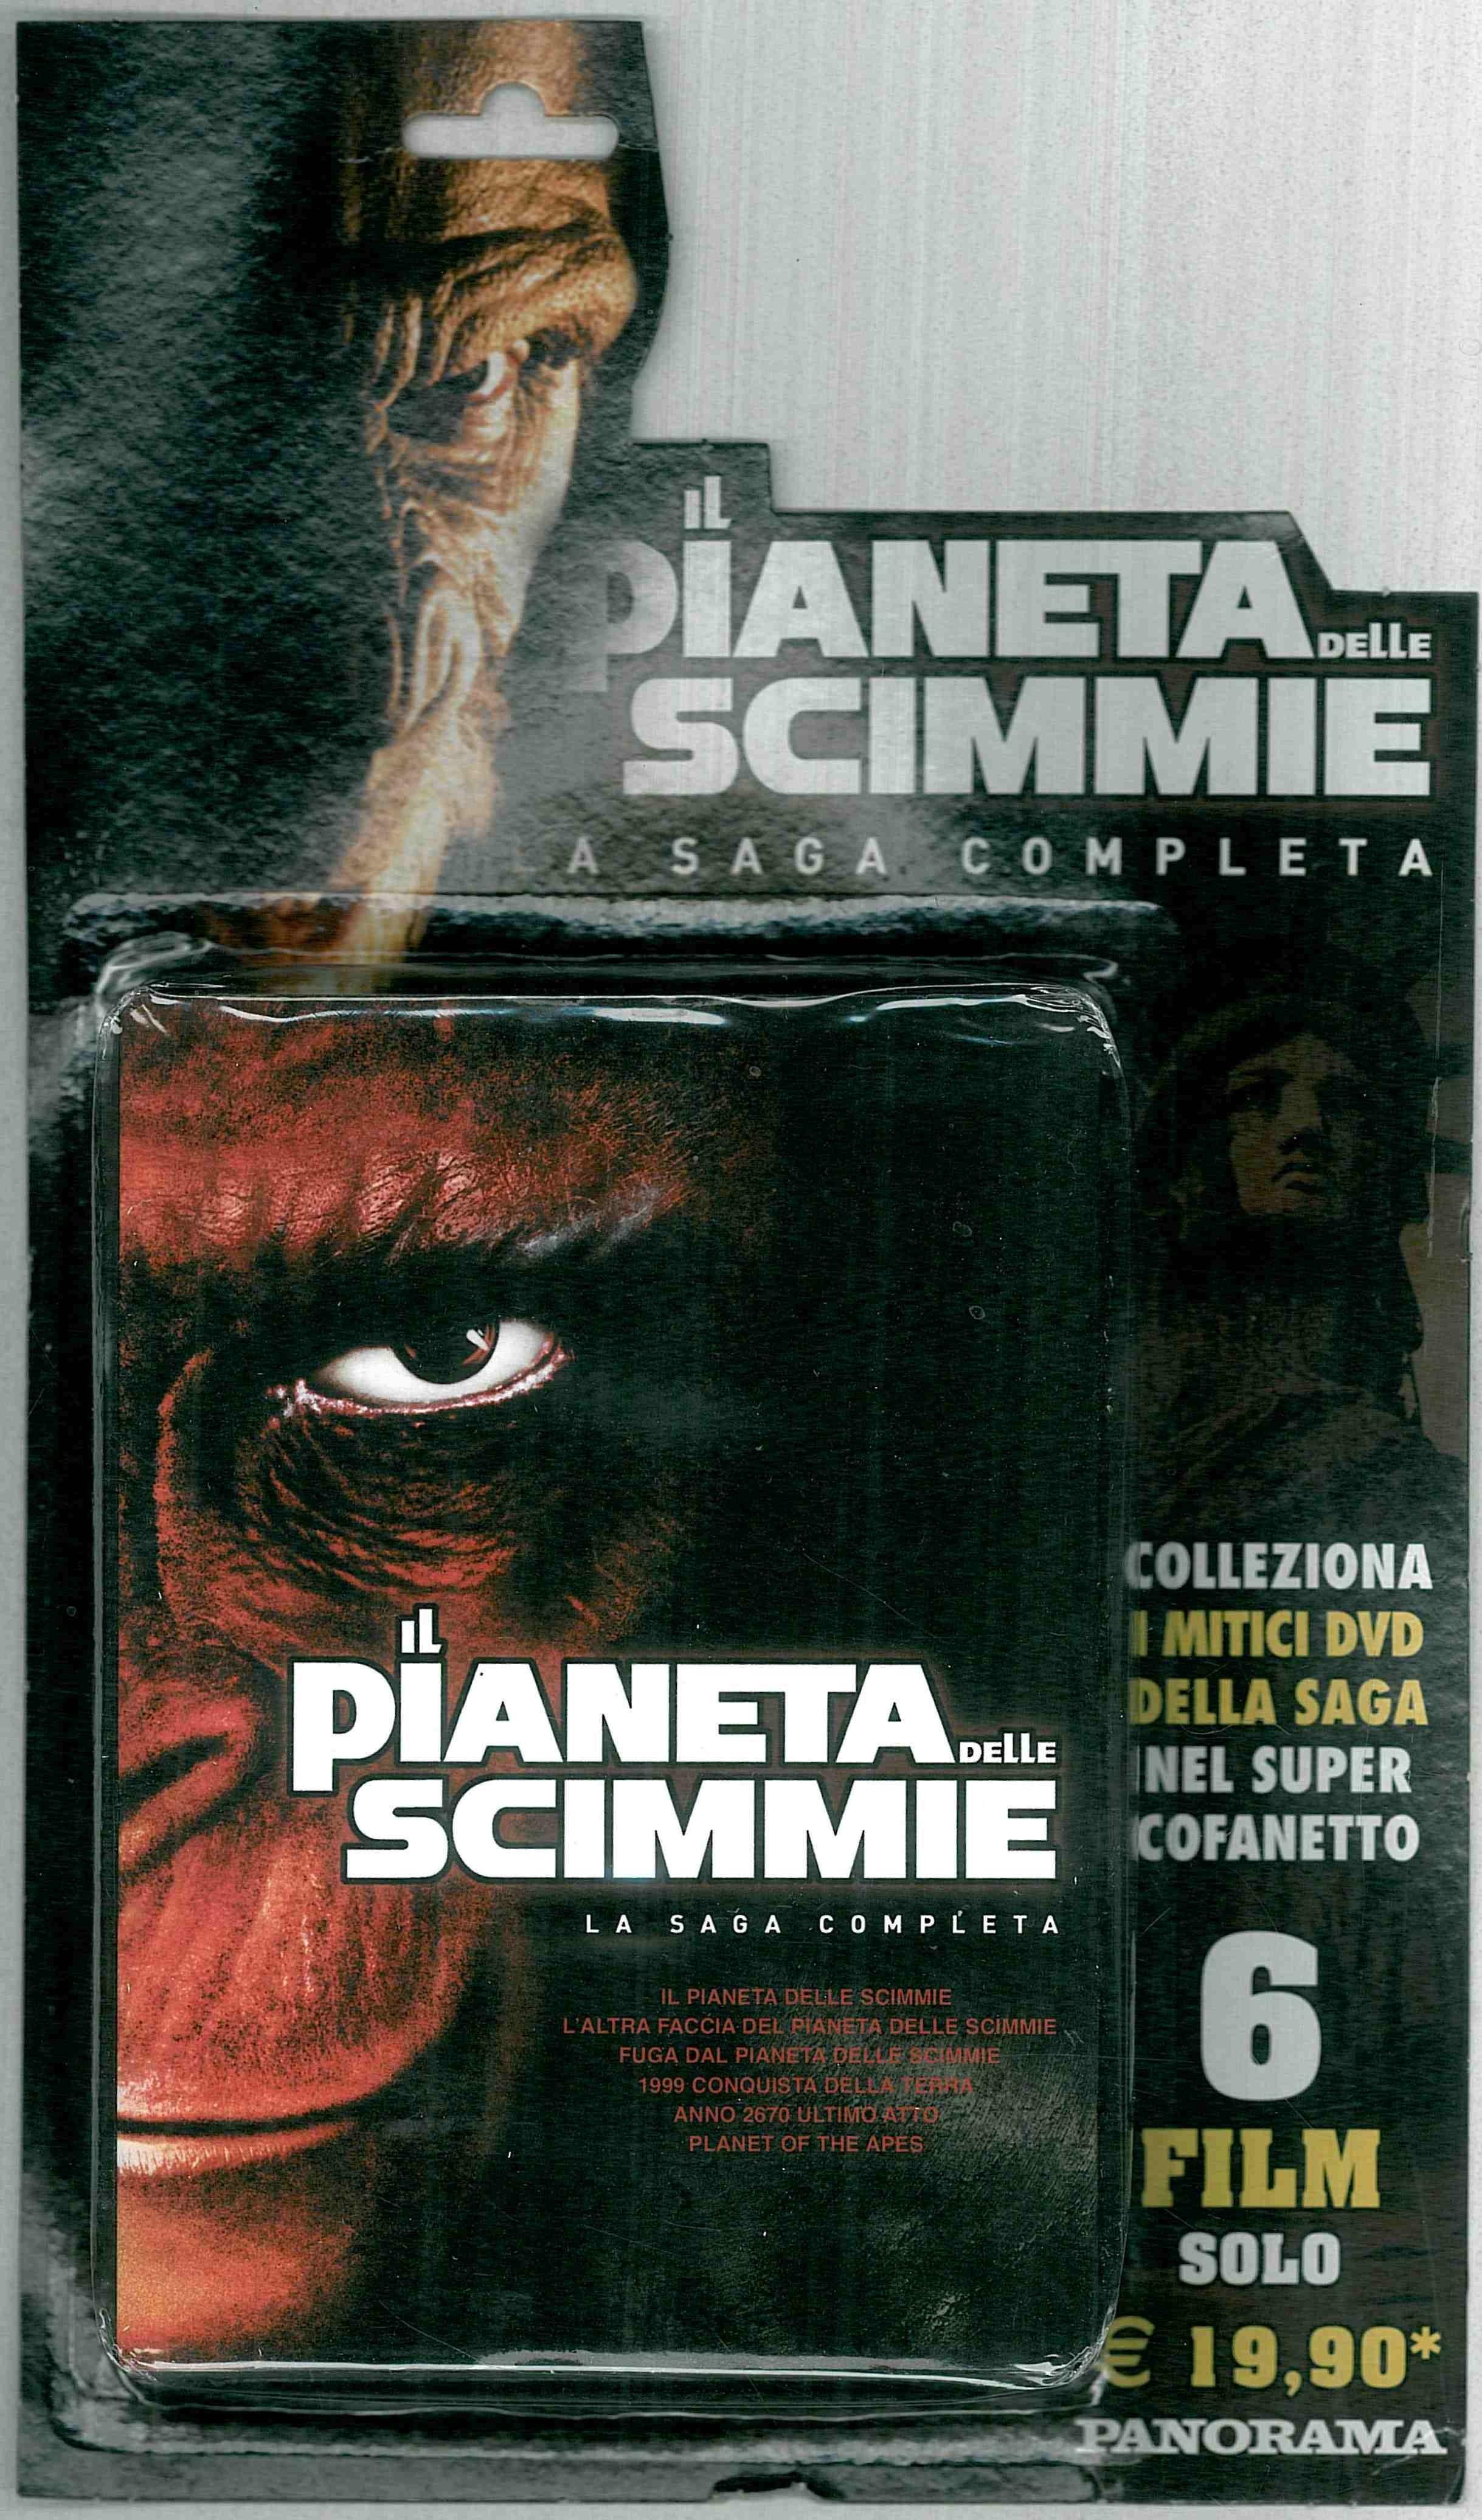 """La saga completa de """"il Pianeta delle scimmie""""-cofanetto c/6 Film"""